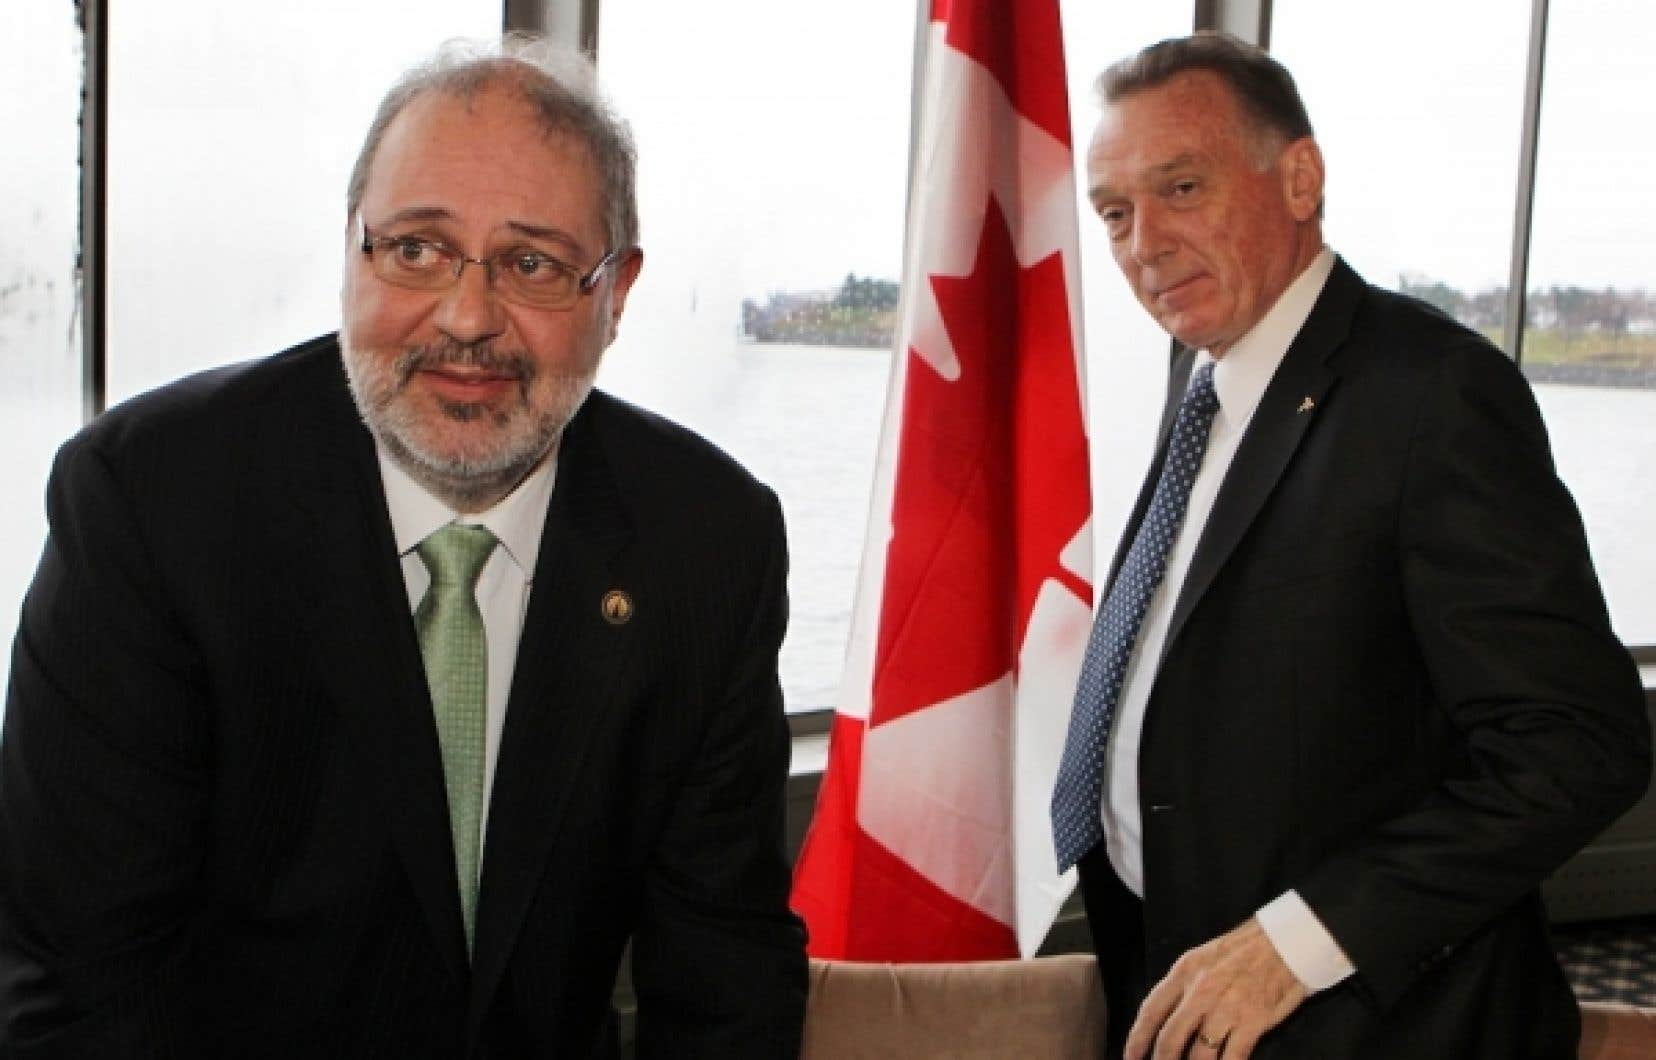 Pierre Arcand et Peter Trent ont un point de vue différent sur la participation du Canada au protocole de Kyoto.<br />